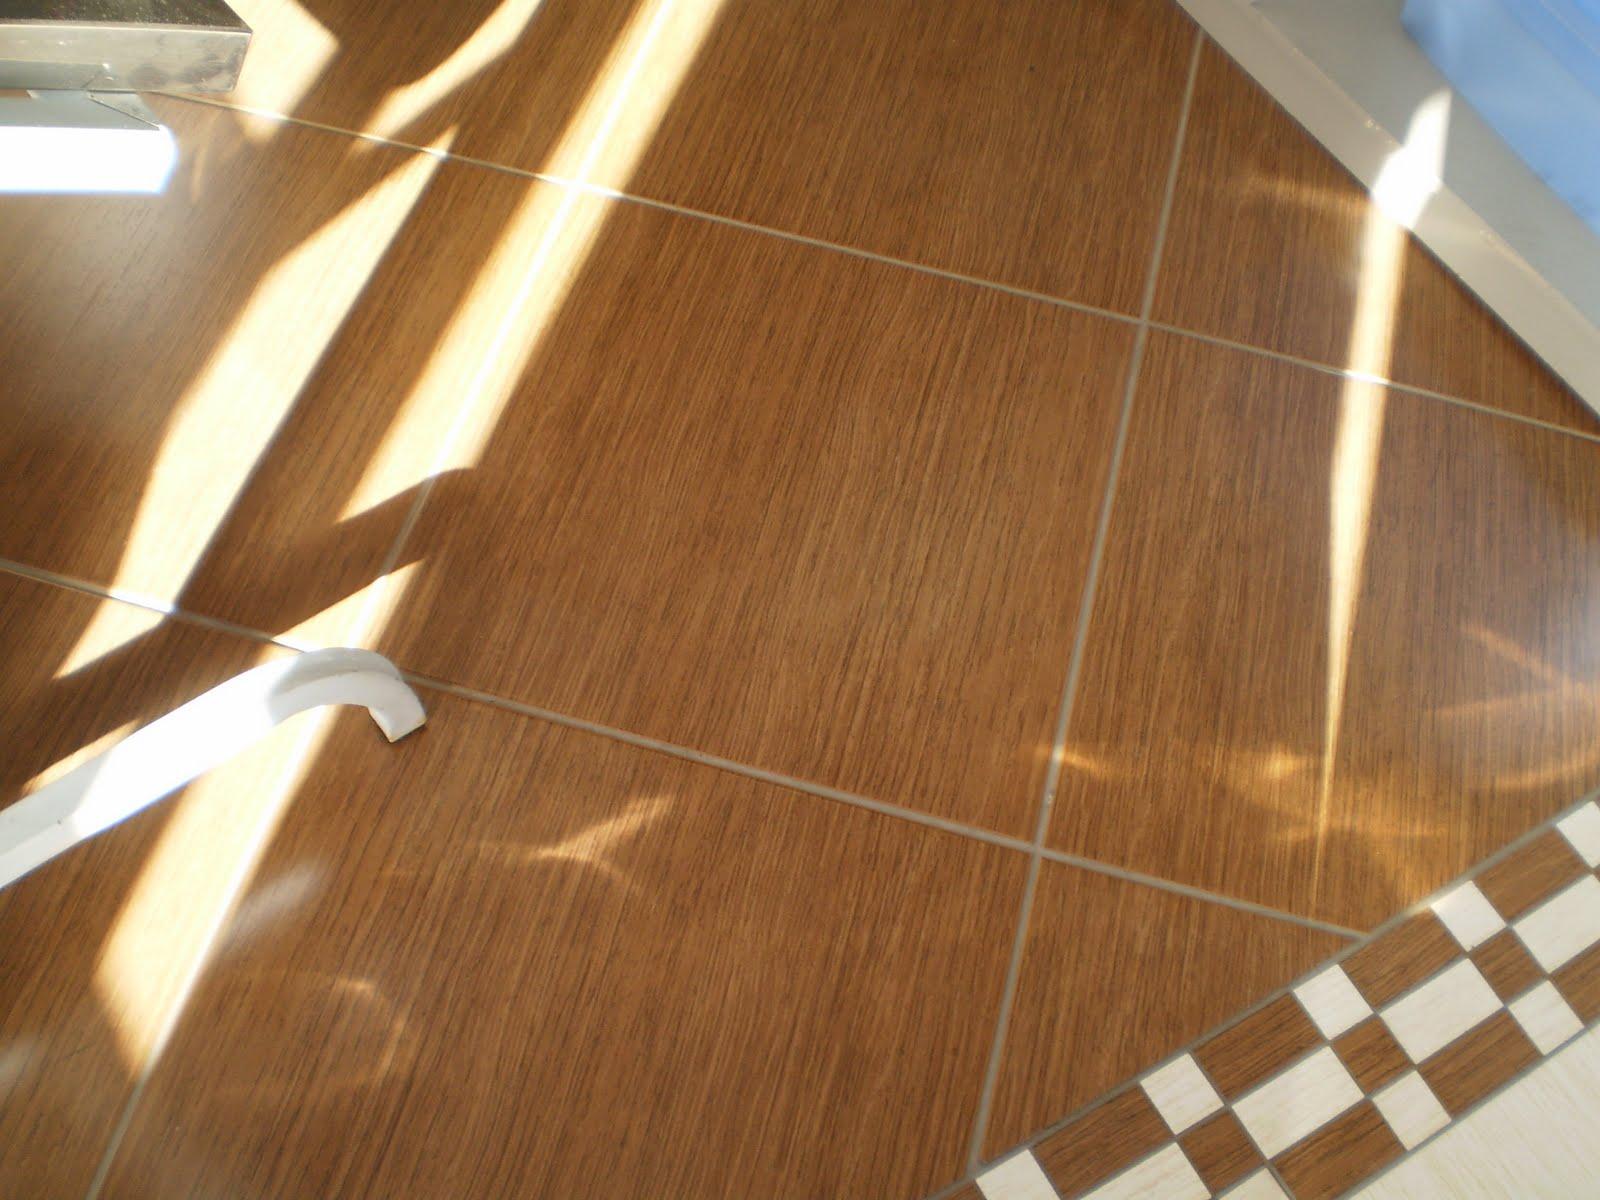 Bianca Bichof ♥ Piso que imita madeira -> Decoracao De Banheiro Com Piso Que Imita Madeira